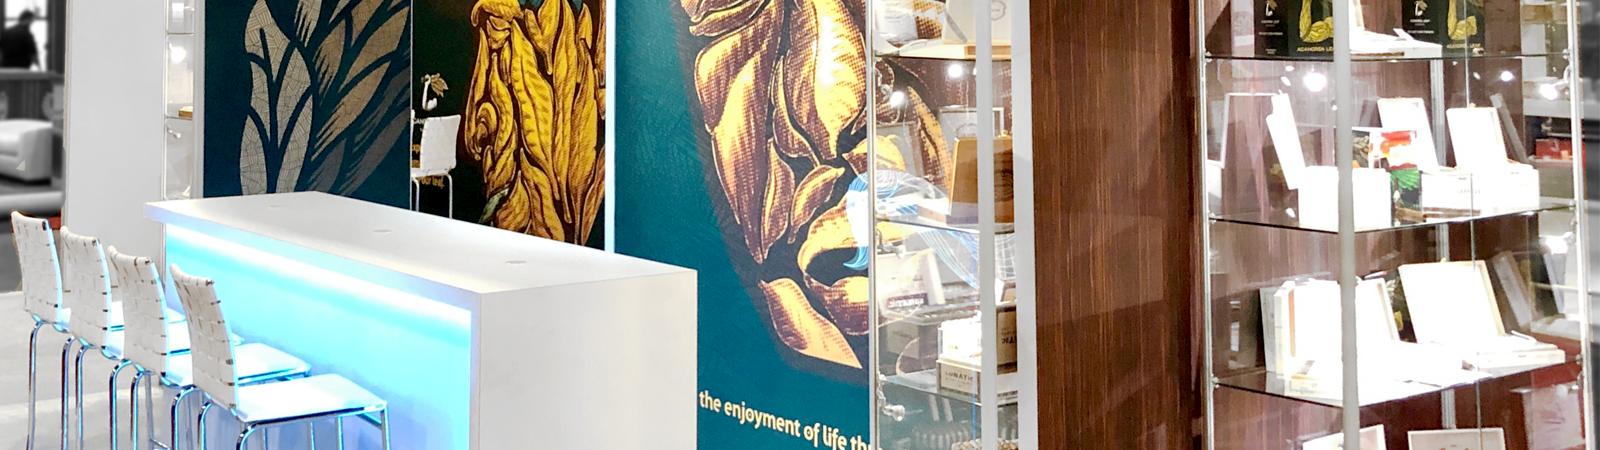 exhibit design company